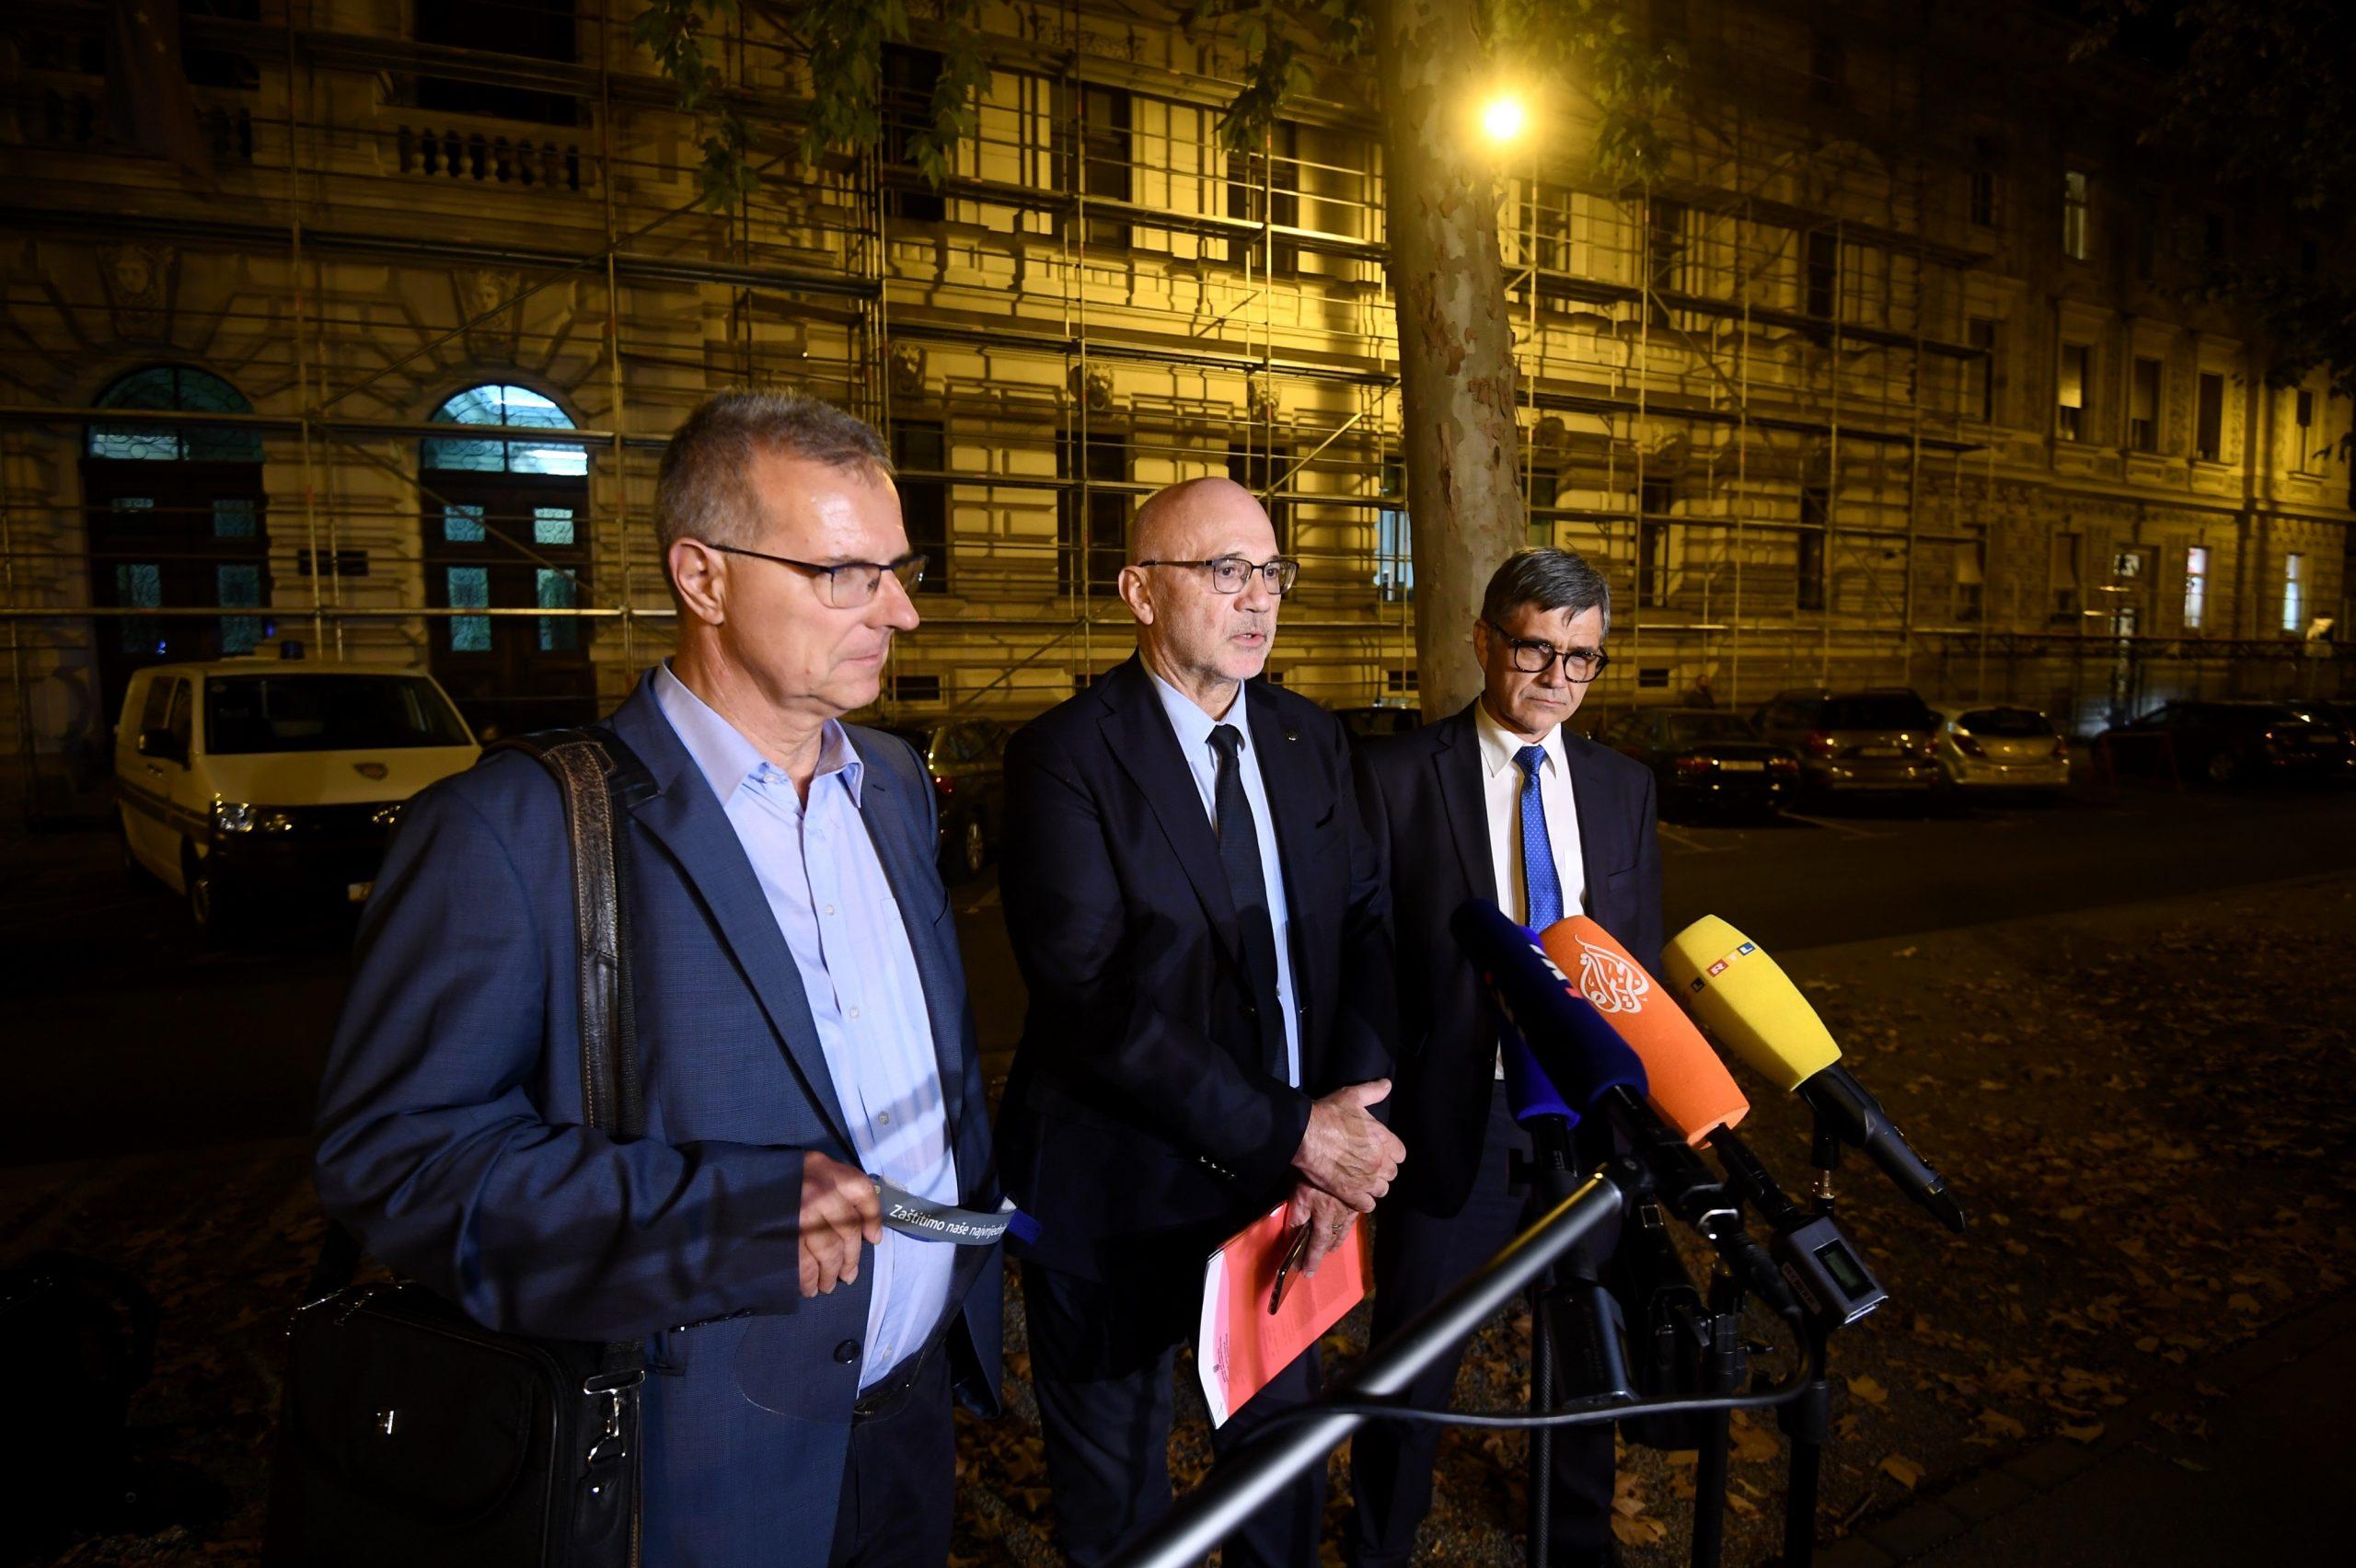 Odvjetnici nakon izlaska iz zgrade Zupanijskog suda u Zagrebu / Foto Marko Lukunic/PIXSELL